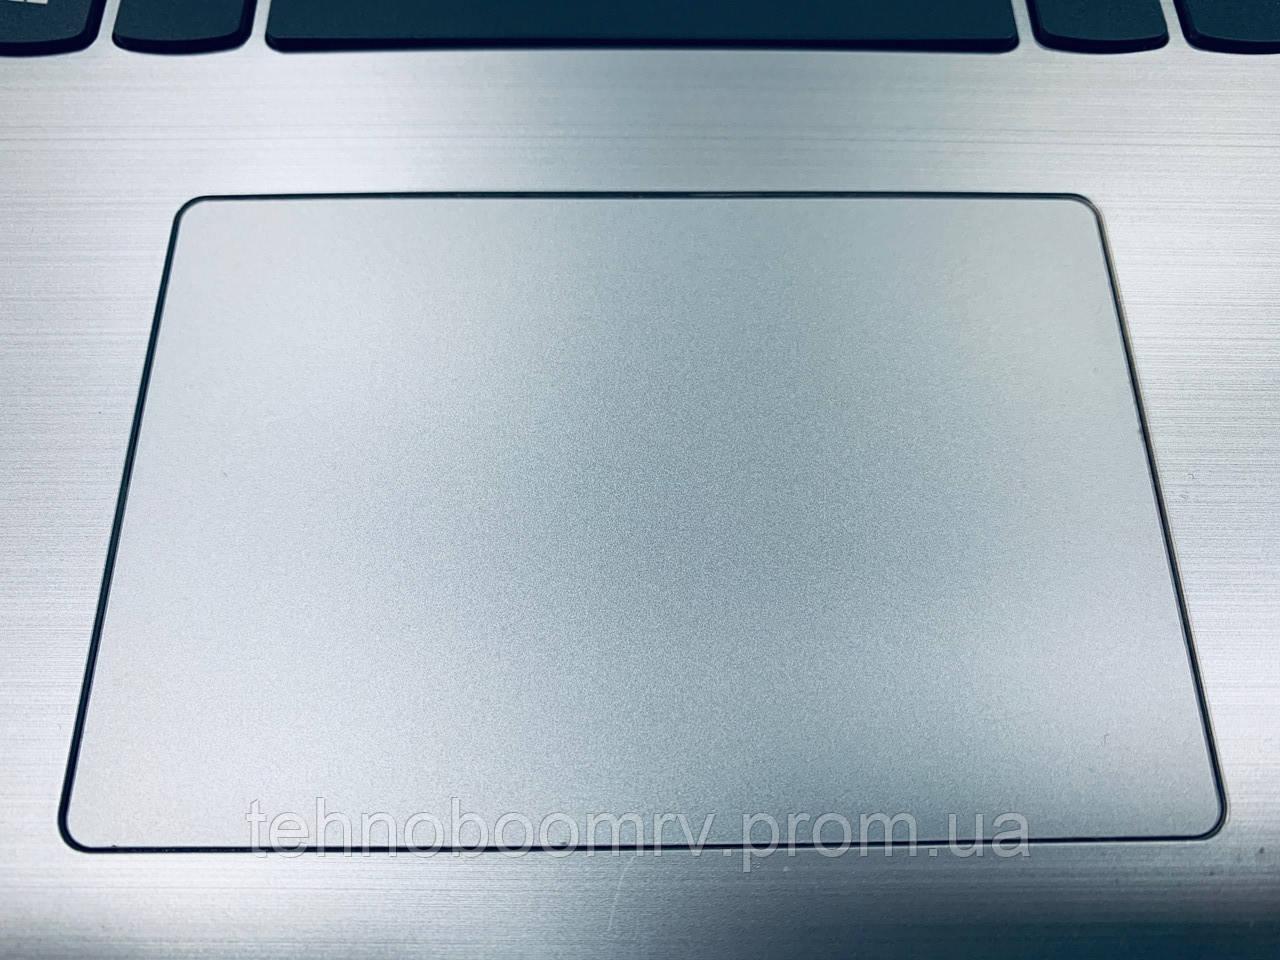 Игровой Lenovo/15.6 FHD/Intel i5-7200U 3.1GHz/DDR4 6GB/Карта MX130 2GBНет в наличии 3